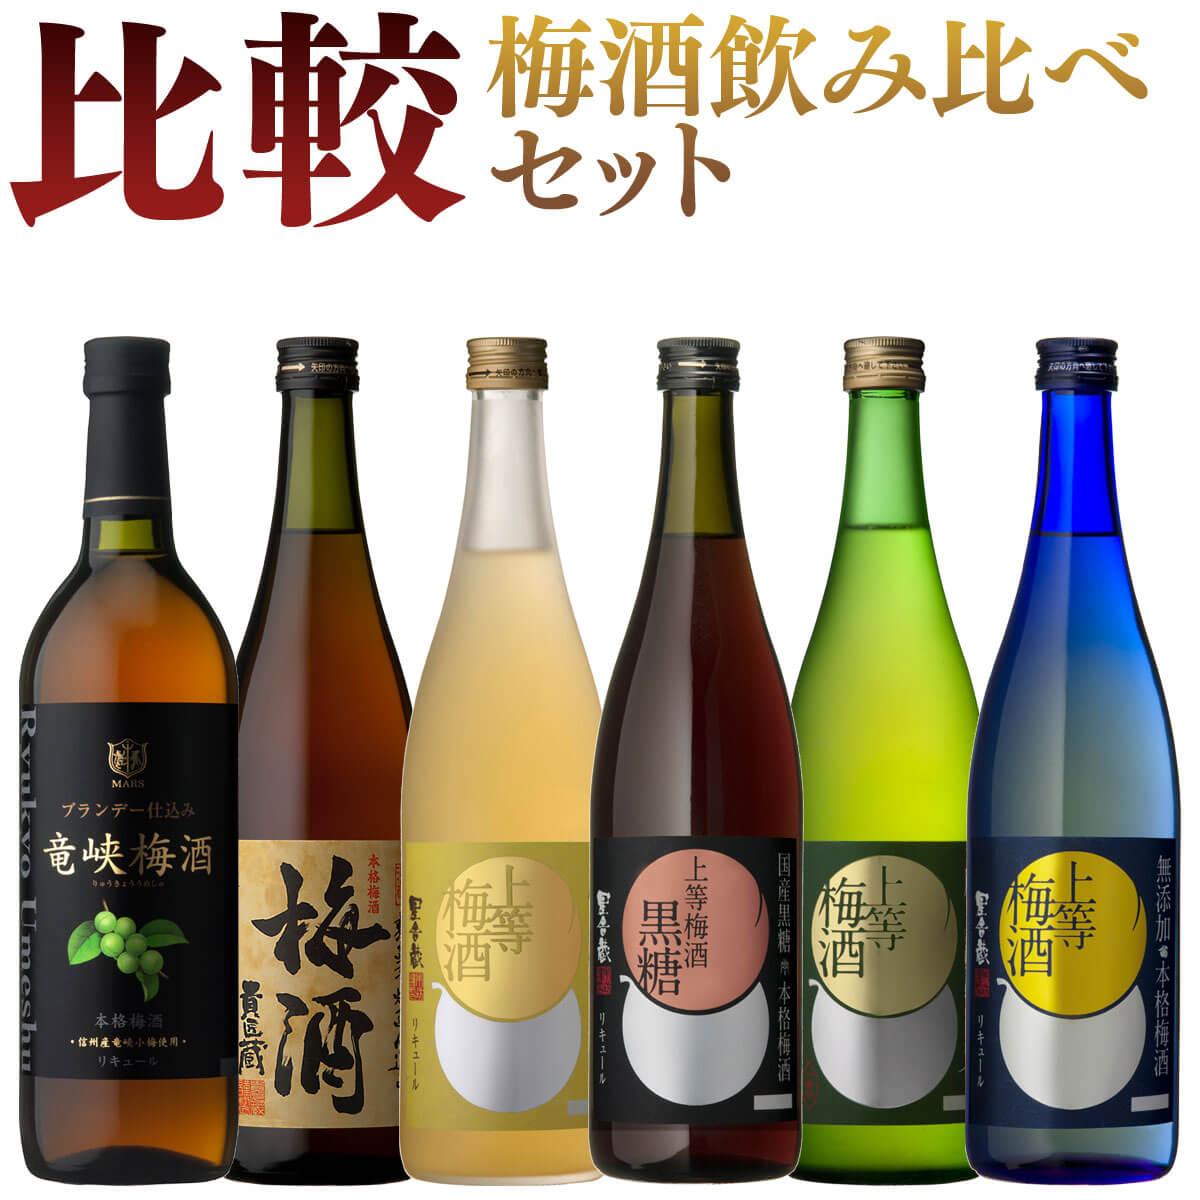 日本の梅酒 720ml 6本セット [梅酒セット / 上等梅酒 / 竜峡梅酒 / 上等梅酒 黒糖 / 貴匠蔵梅酒 /上等梅酒 知覧茶 / ゆず梅酒 / ギフト 送料無料 ]